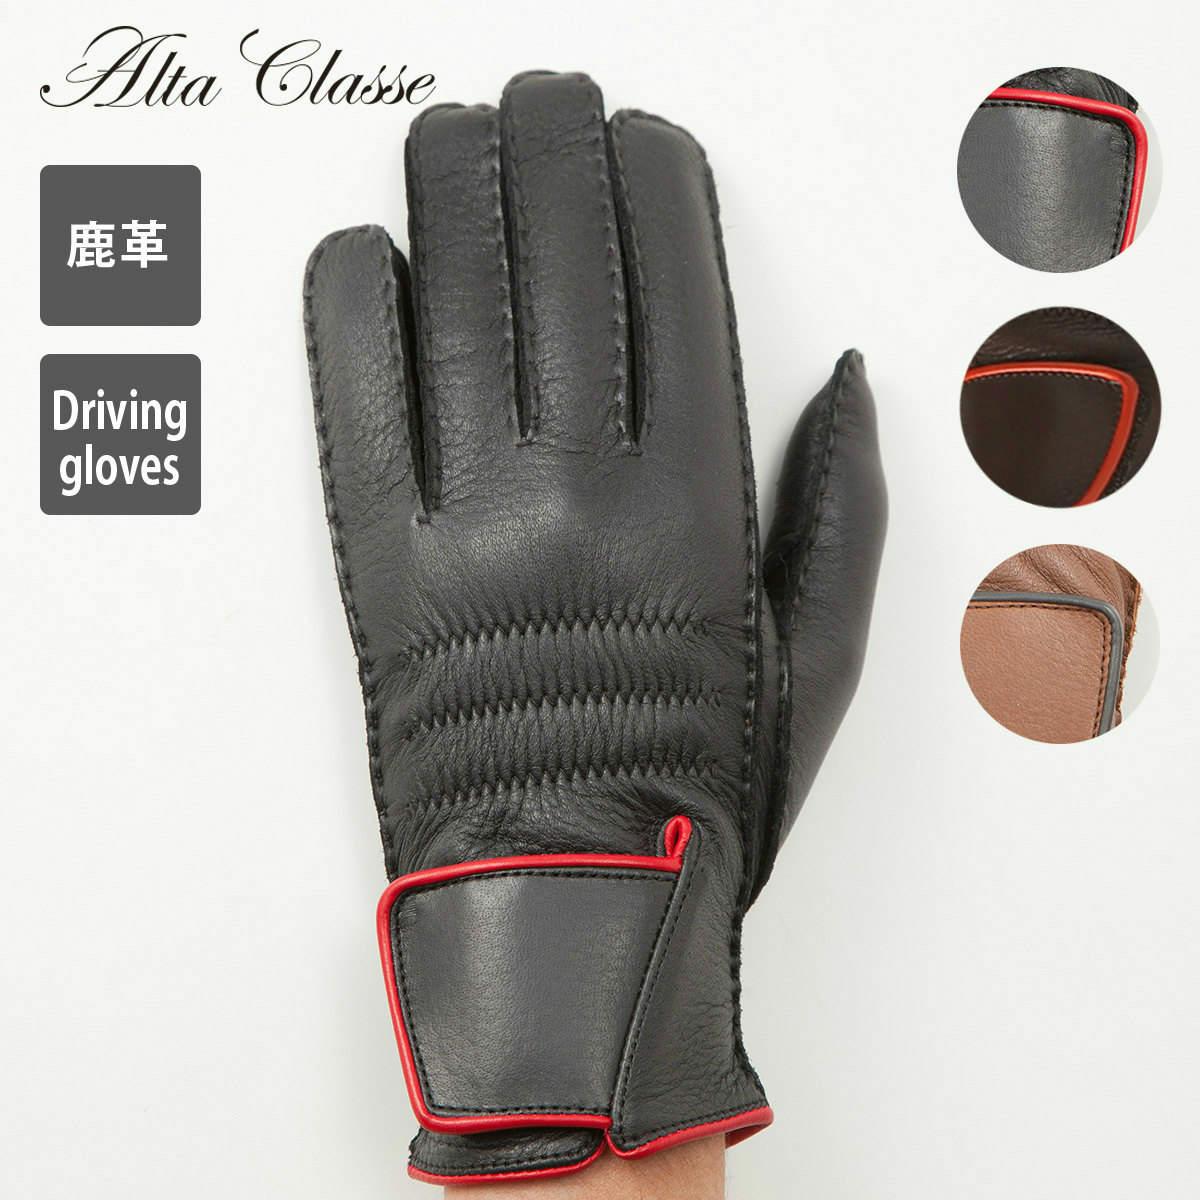 アルタクラッセ カプリガンティ ハンガリー製メンズ ヘラ鹿製 革手袋 ドライビンググローブタイプ 23cm(SM) 24cm(M) 全3色